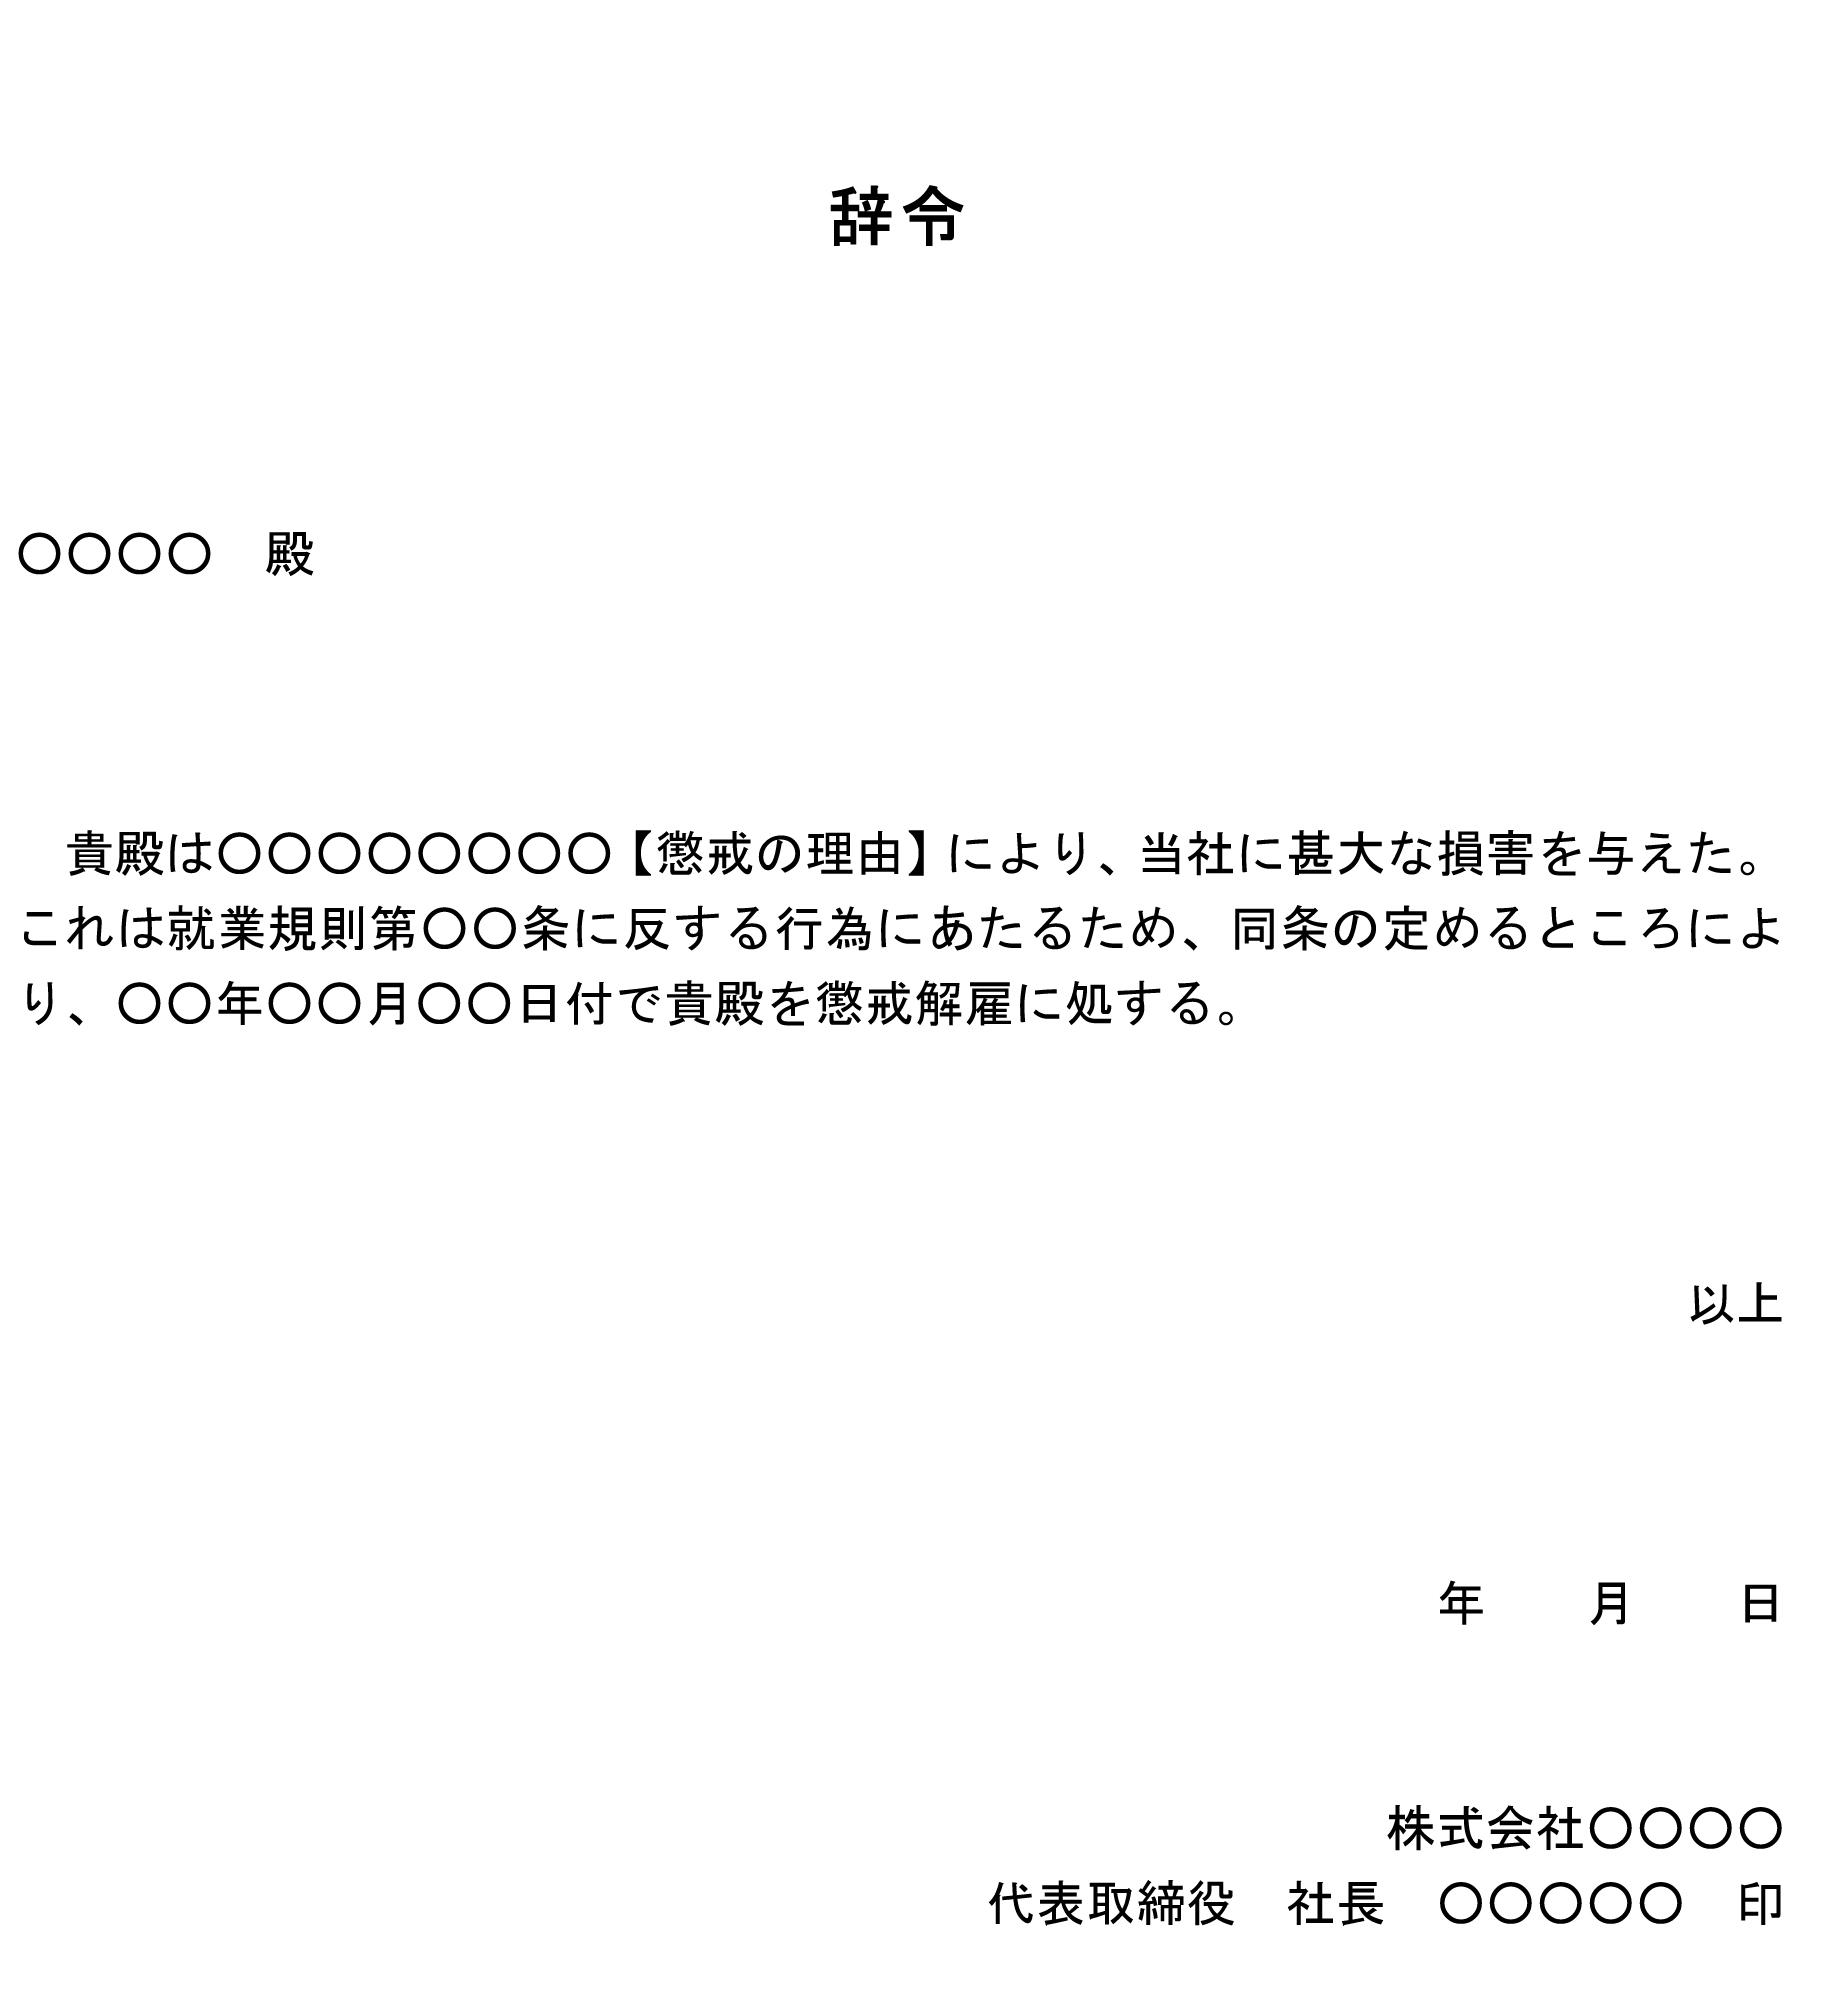 辞令(懲戒解雇)のテンプレート書式